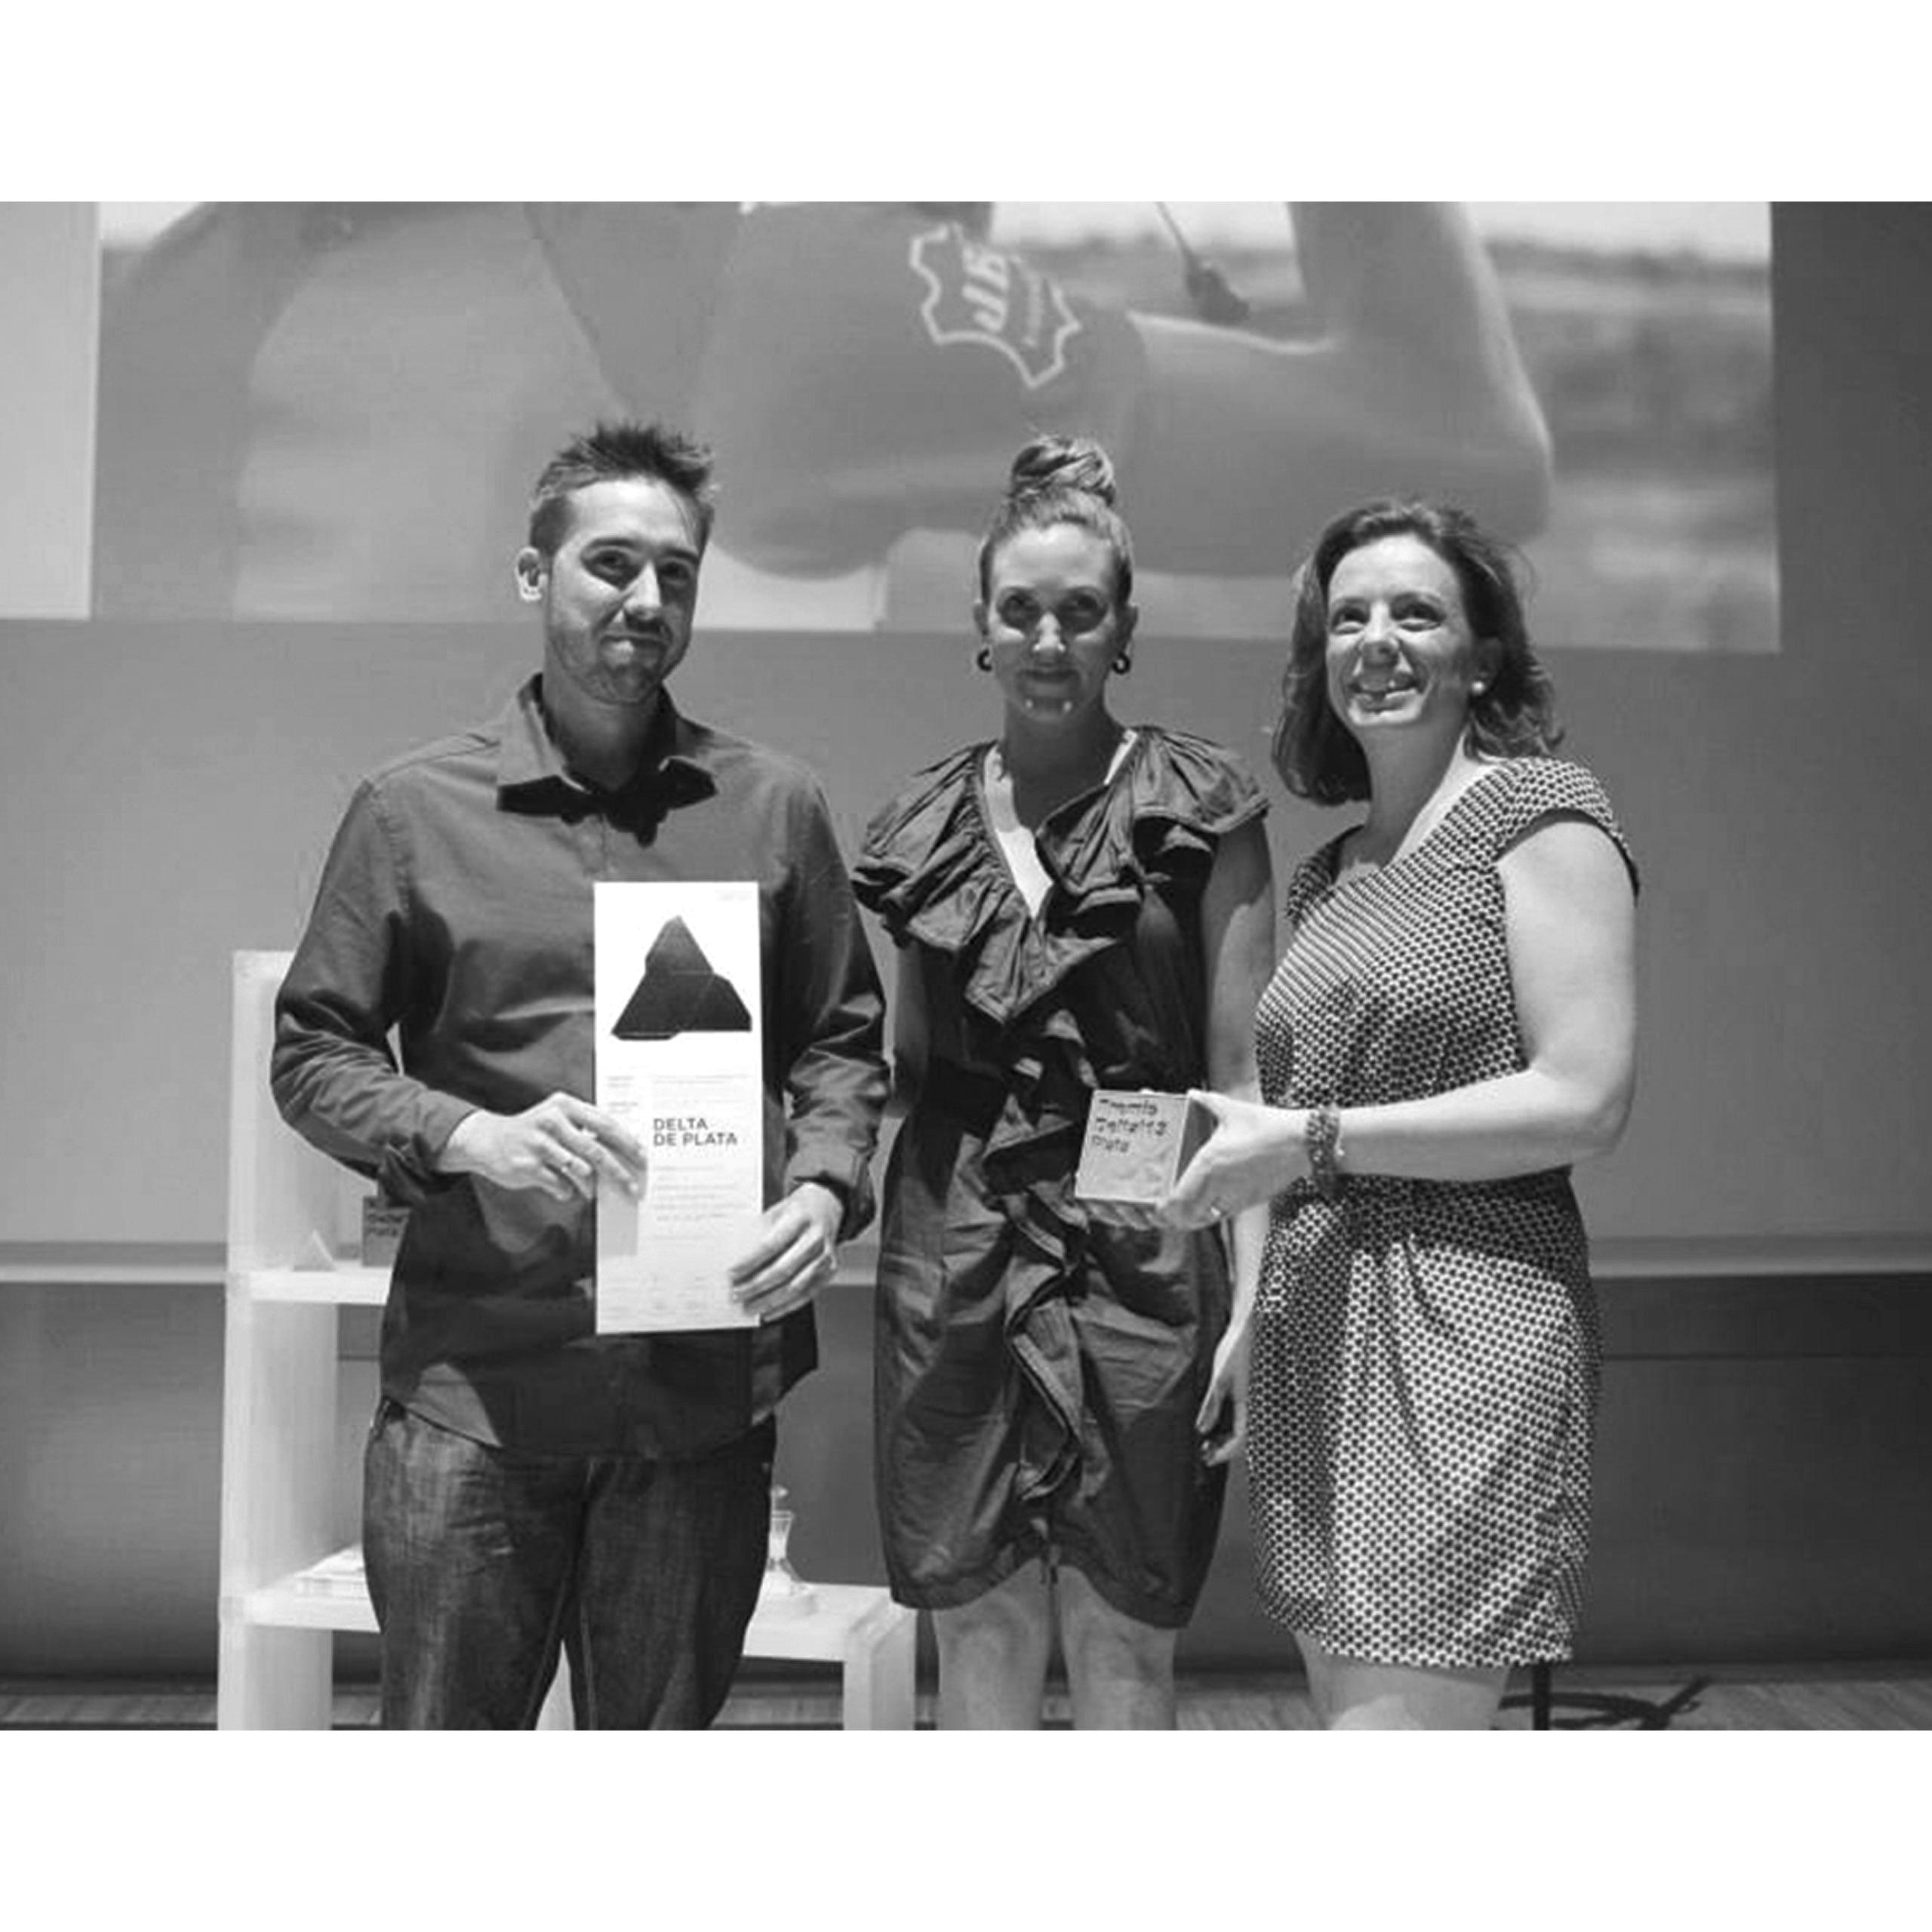 premio_delta_plata_2013_noviembre_estudio